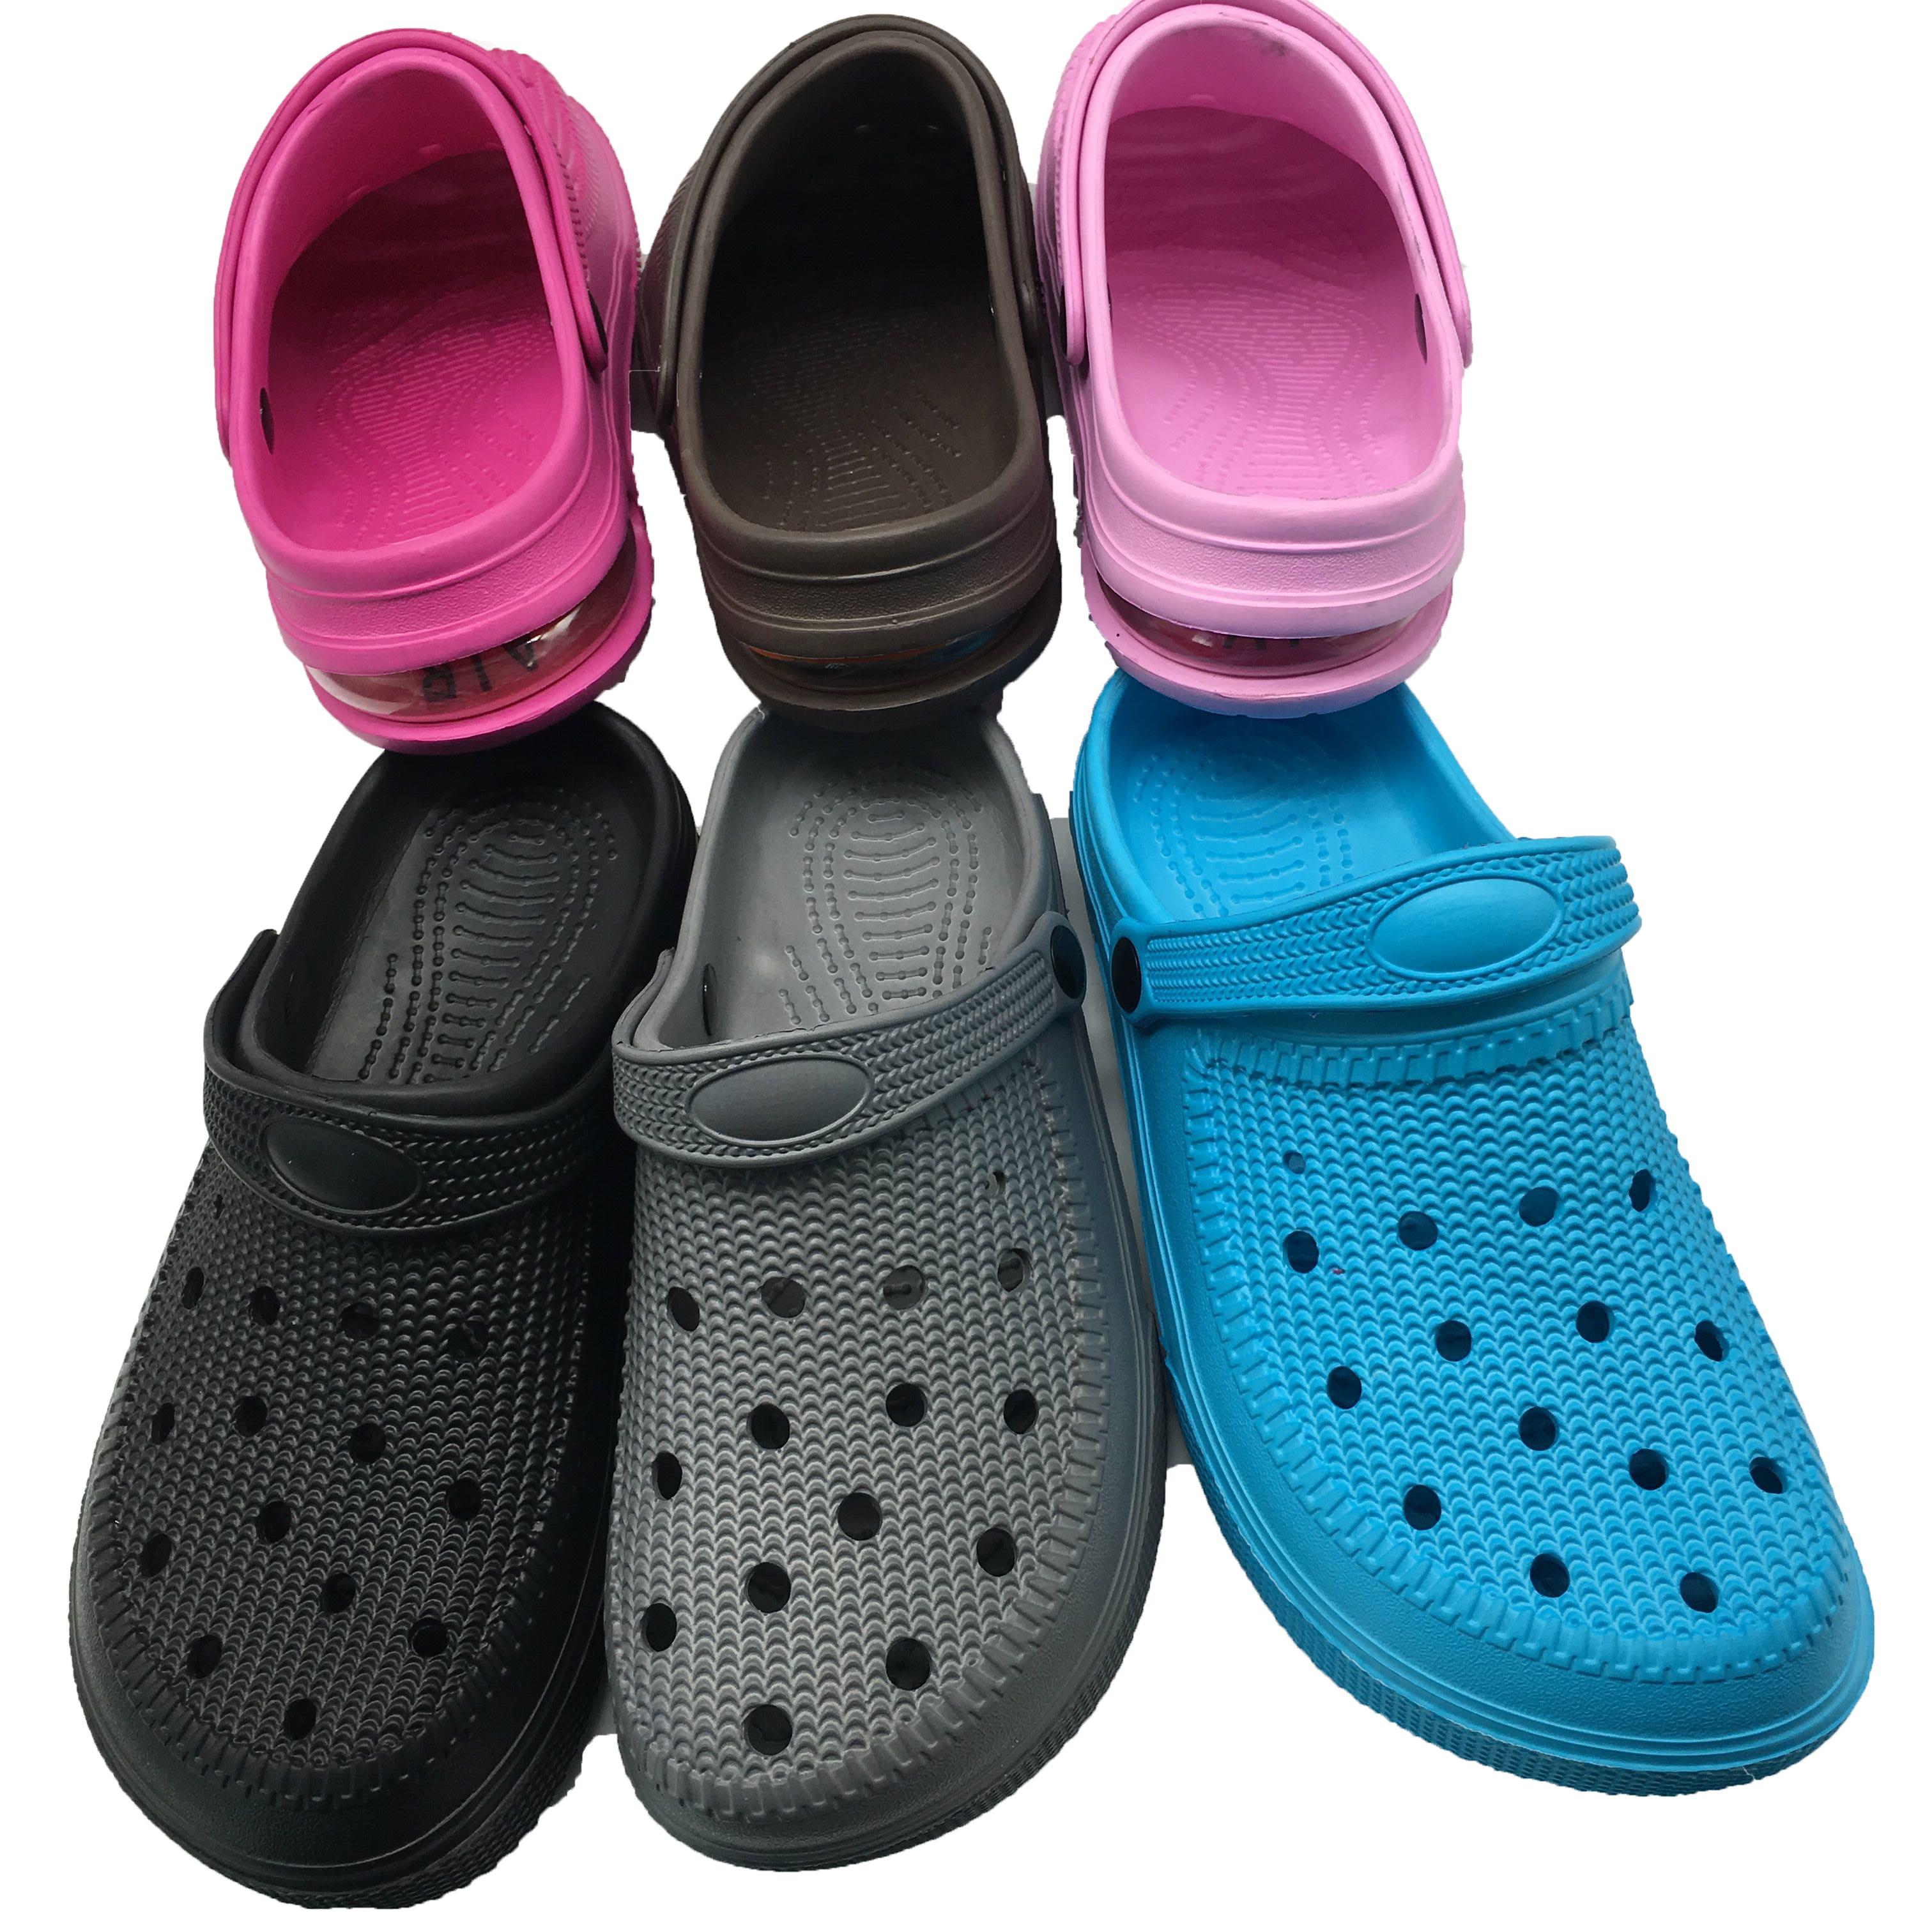 Женские садовые Сабо без шнуровки, индивидуальная обувь из ЭВА, с воздушной подушкой, лето-весна, оптовая продажа